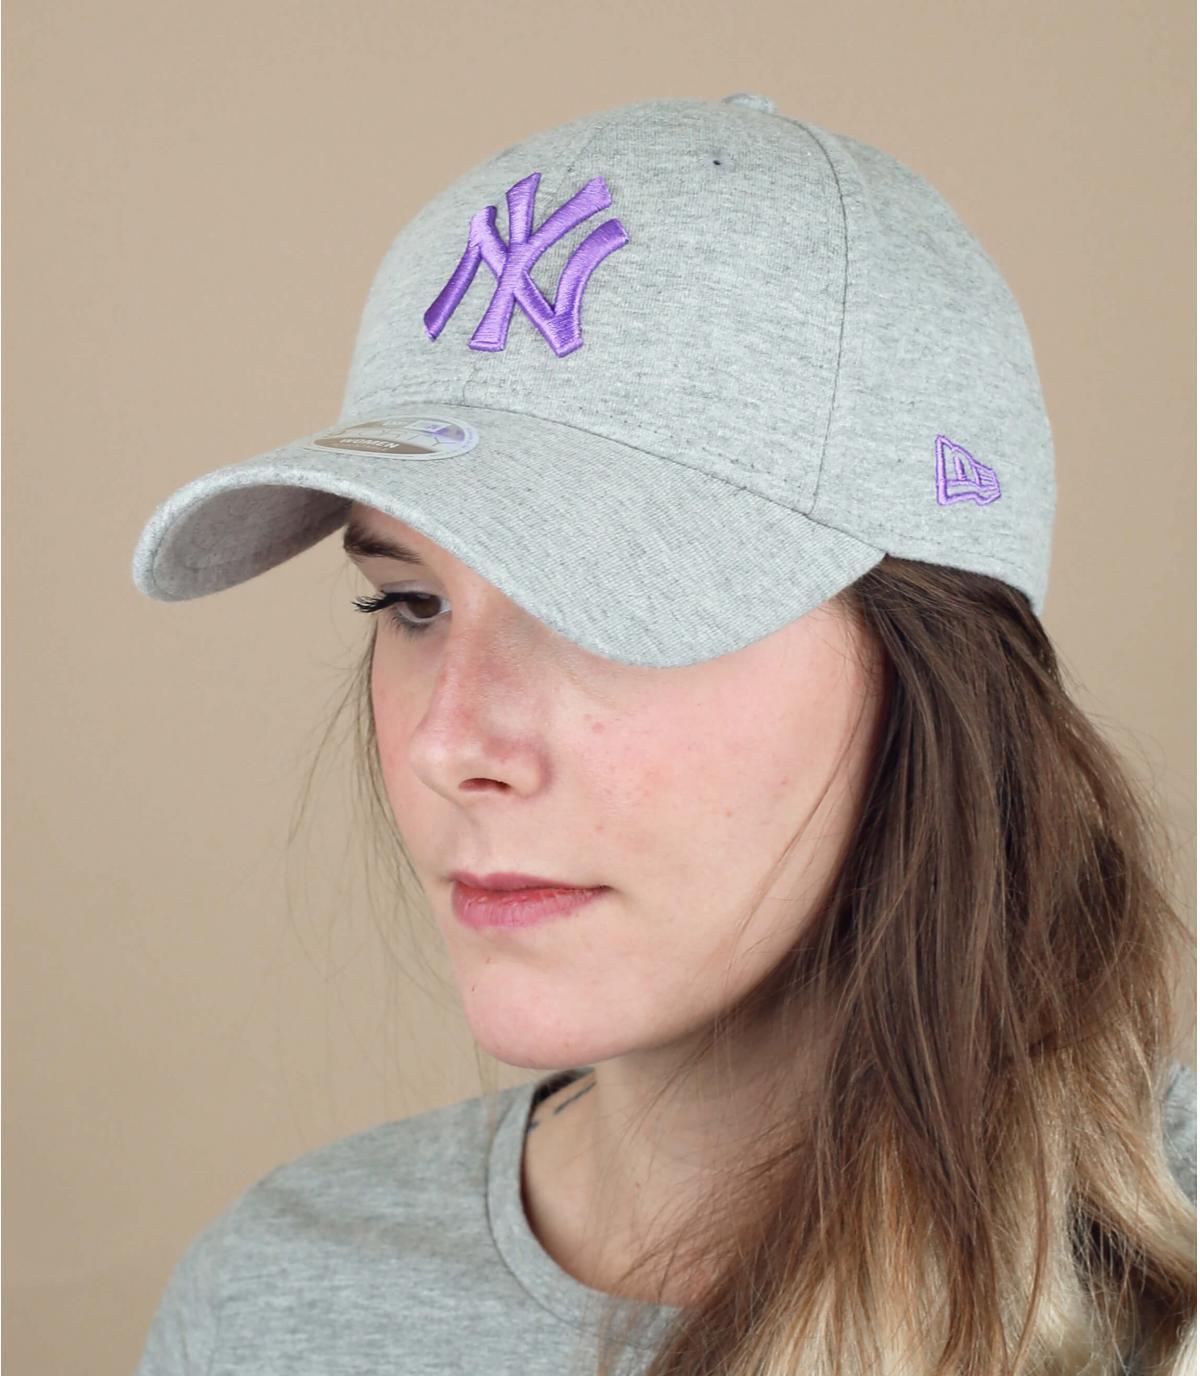 casquette NY femme gris